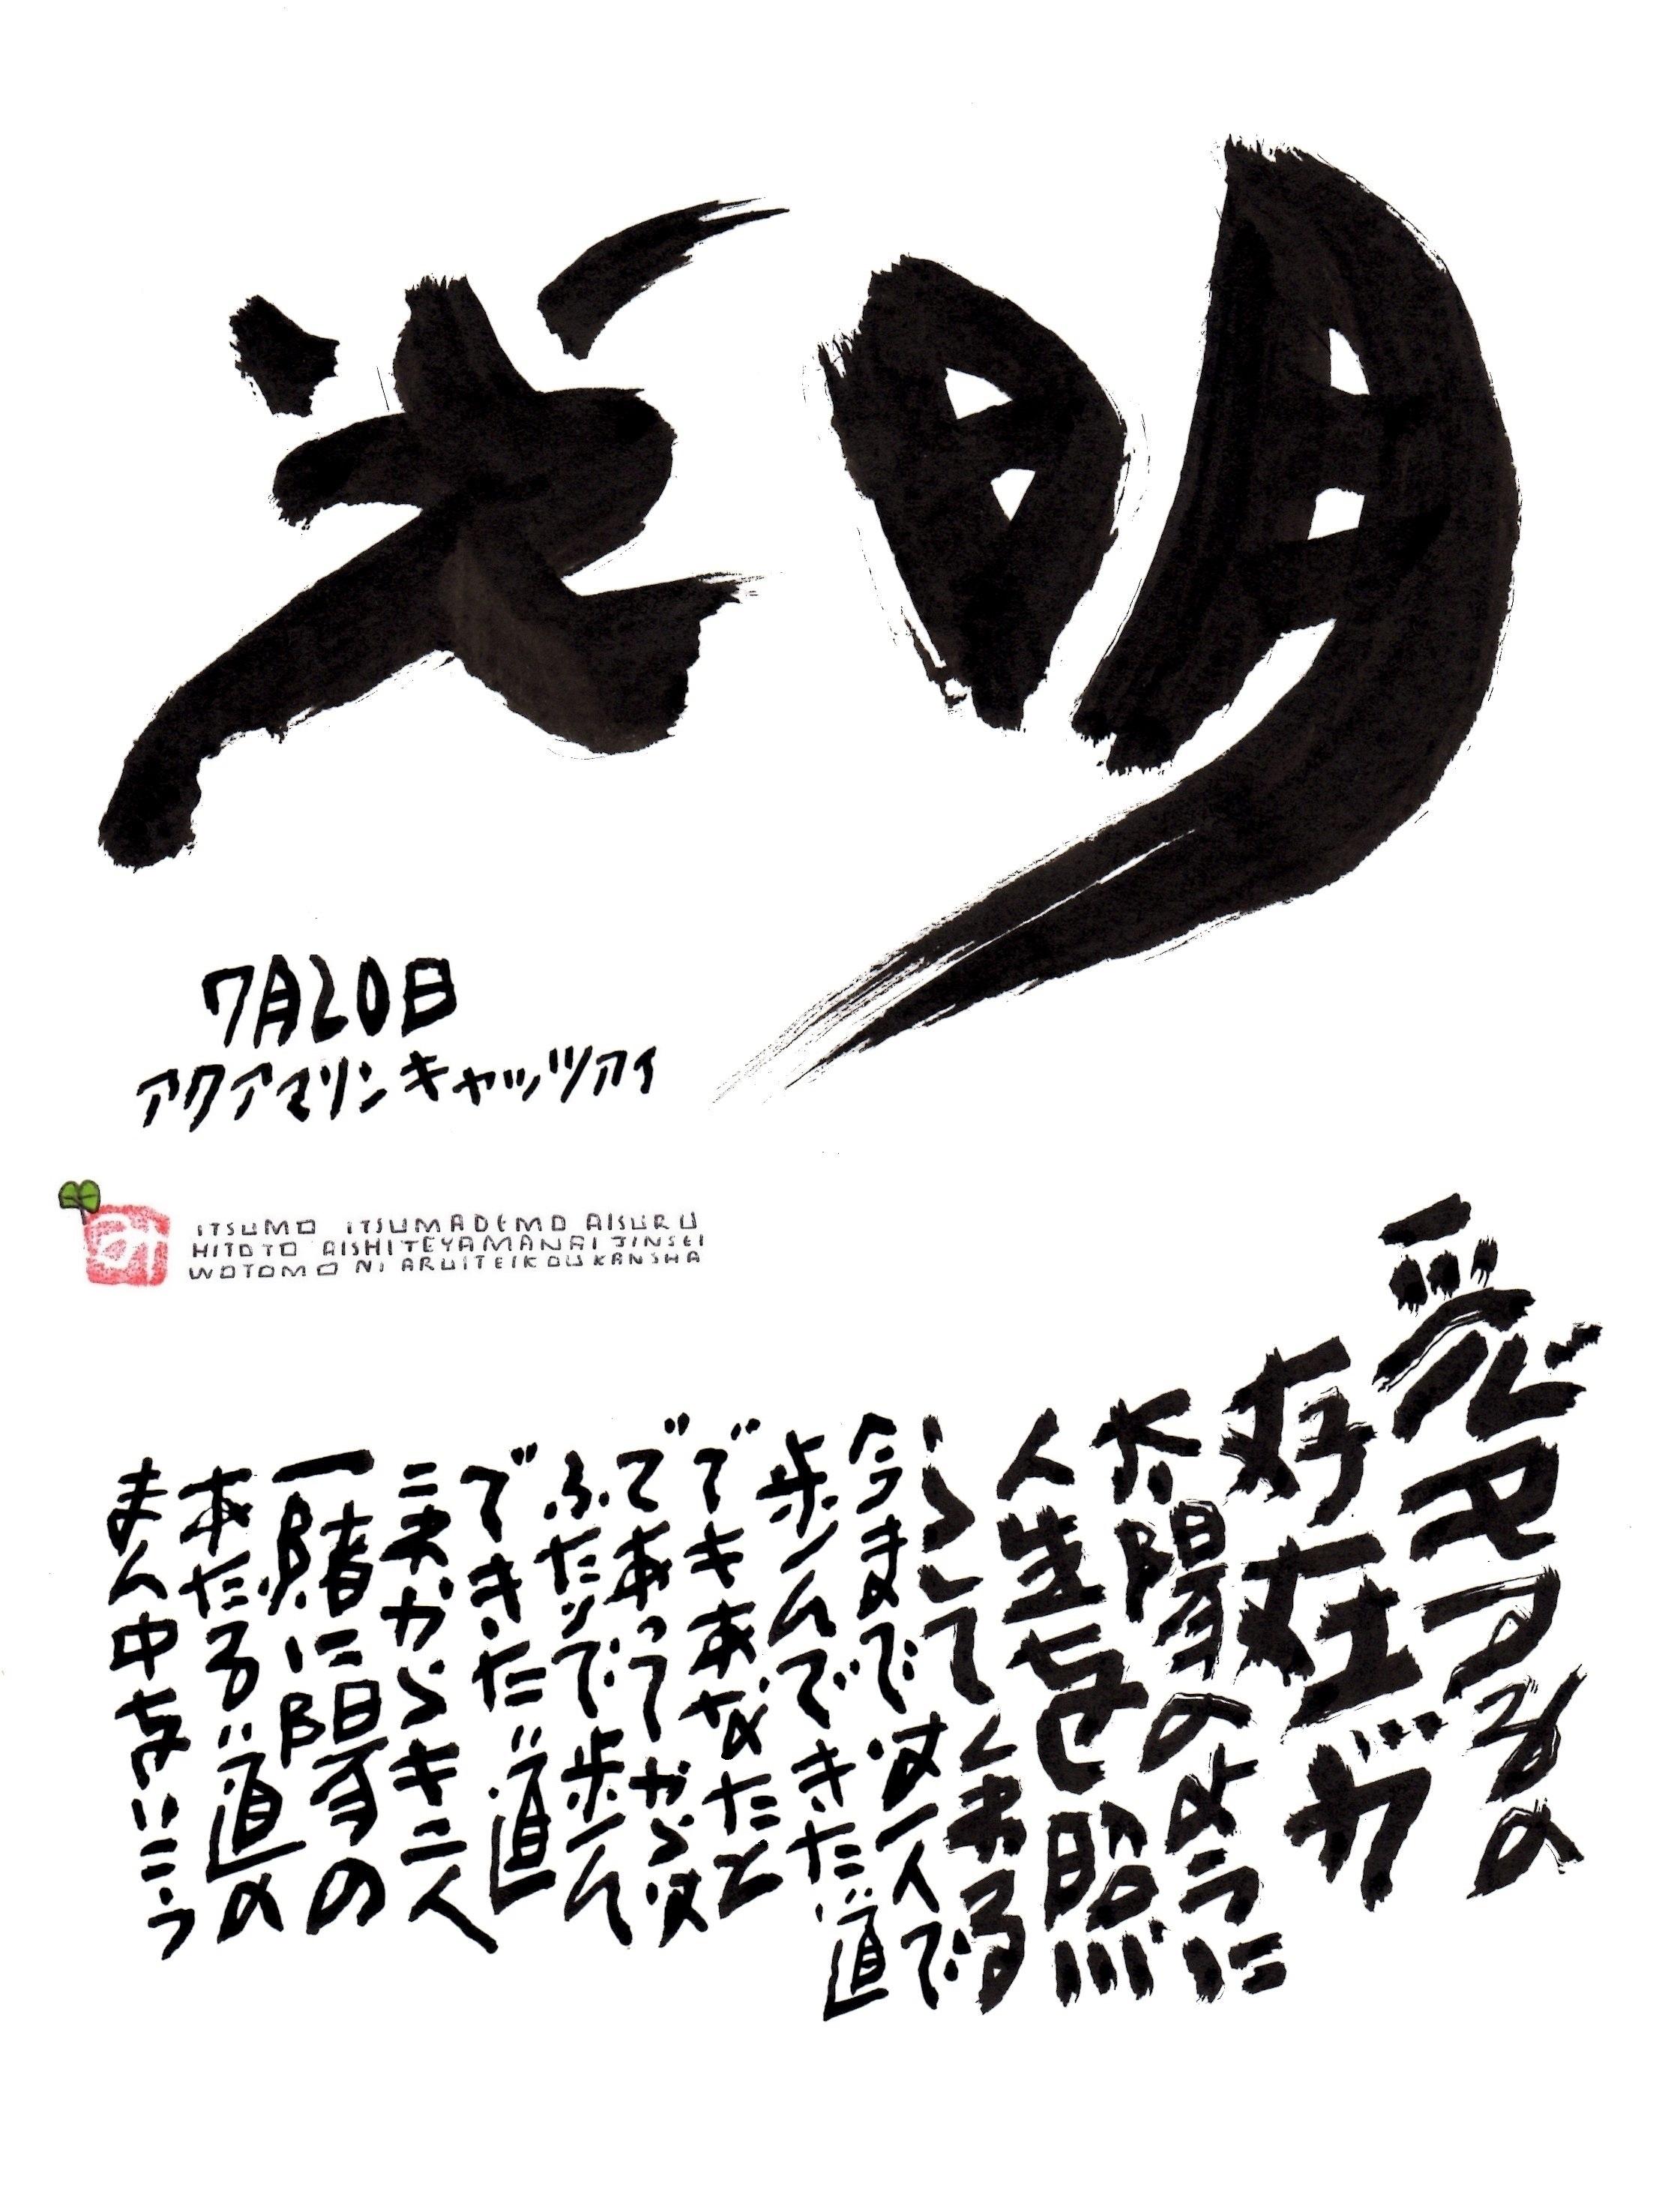 7月20日 結婚記念日ポストカード【光明】